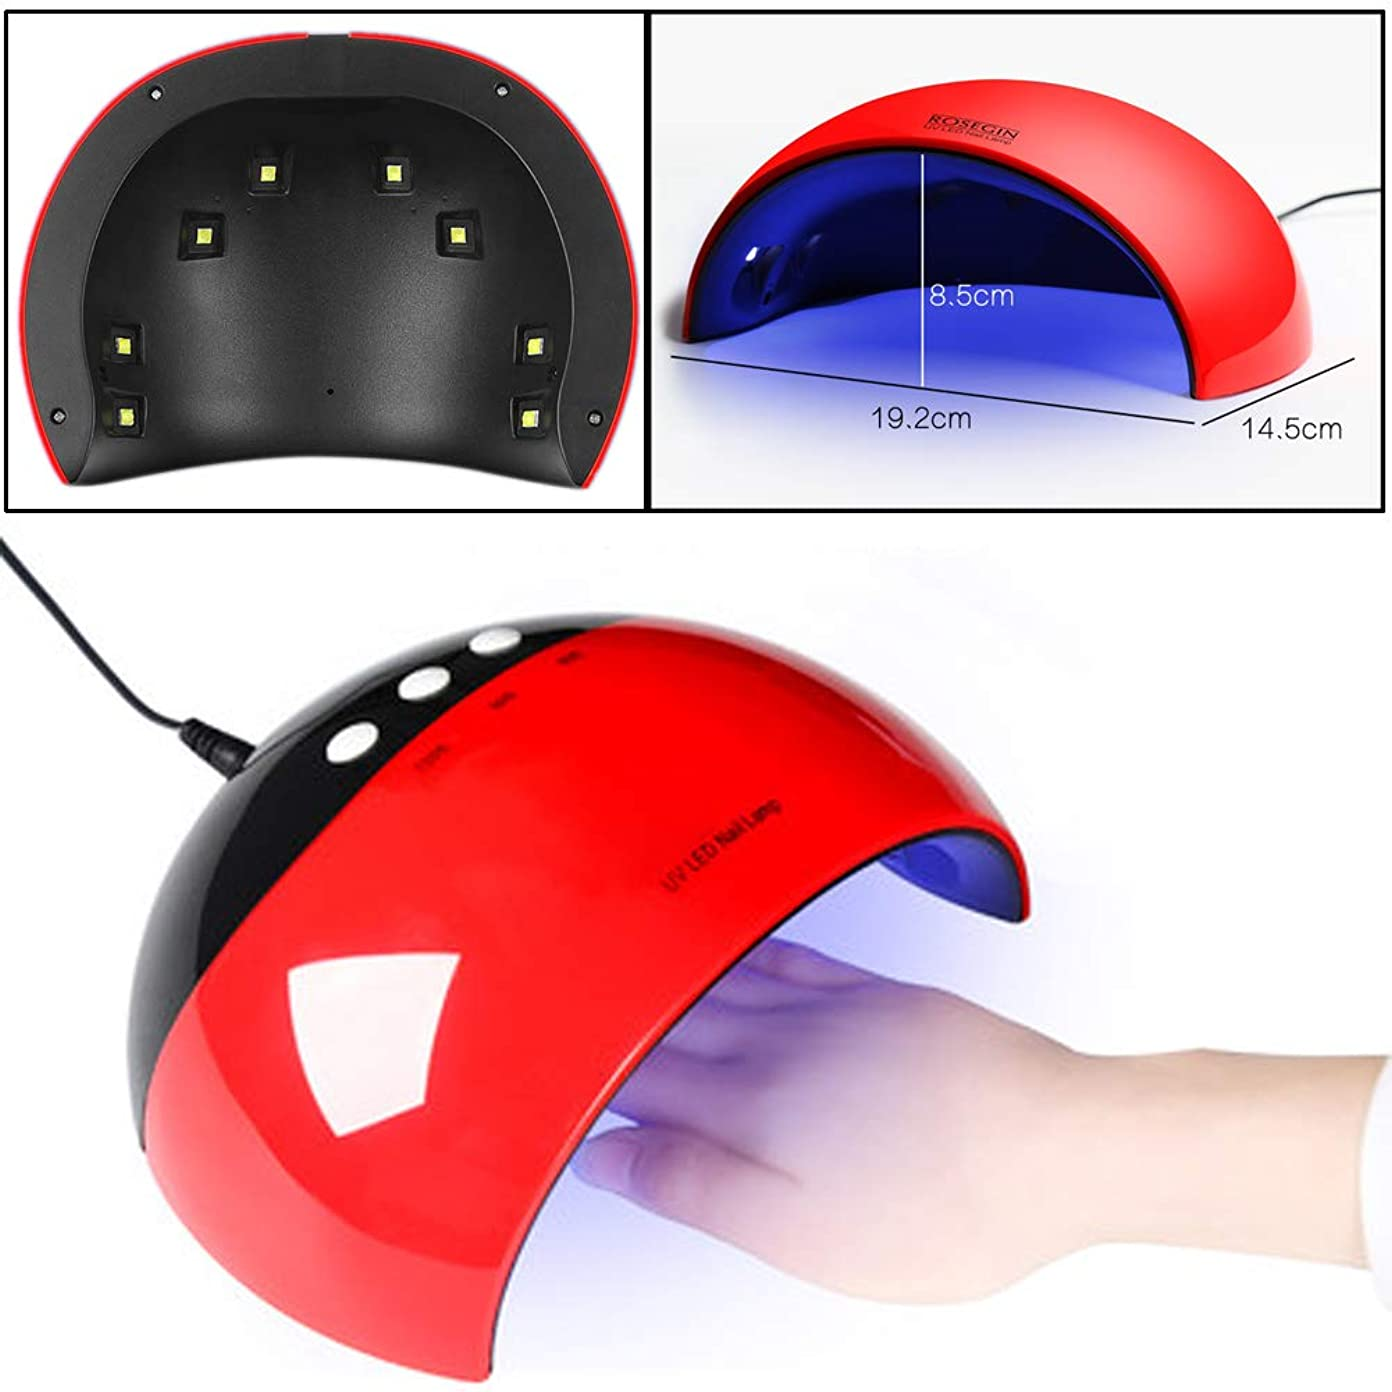 創傷遺伝的ボイコット硬化用ライト ネイルドライヤー ジェルネイルLEDライト24W新型 3段階タイマー付きUSB式 UVライト ハイパワー 日本語説明書付き